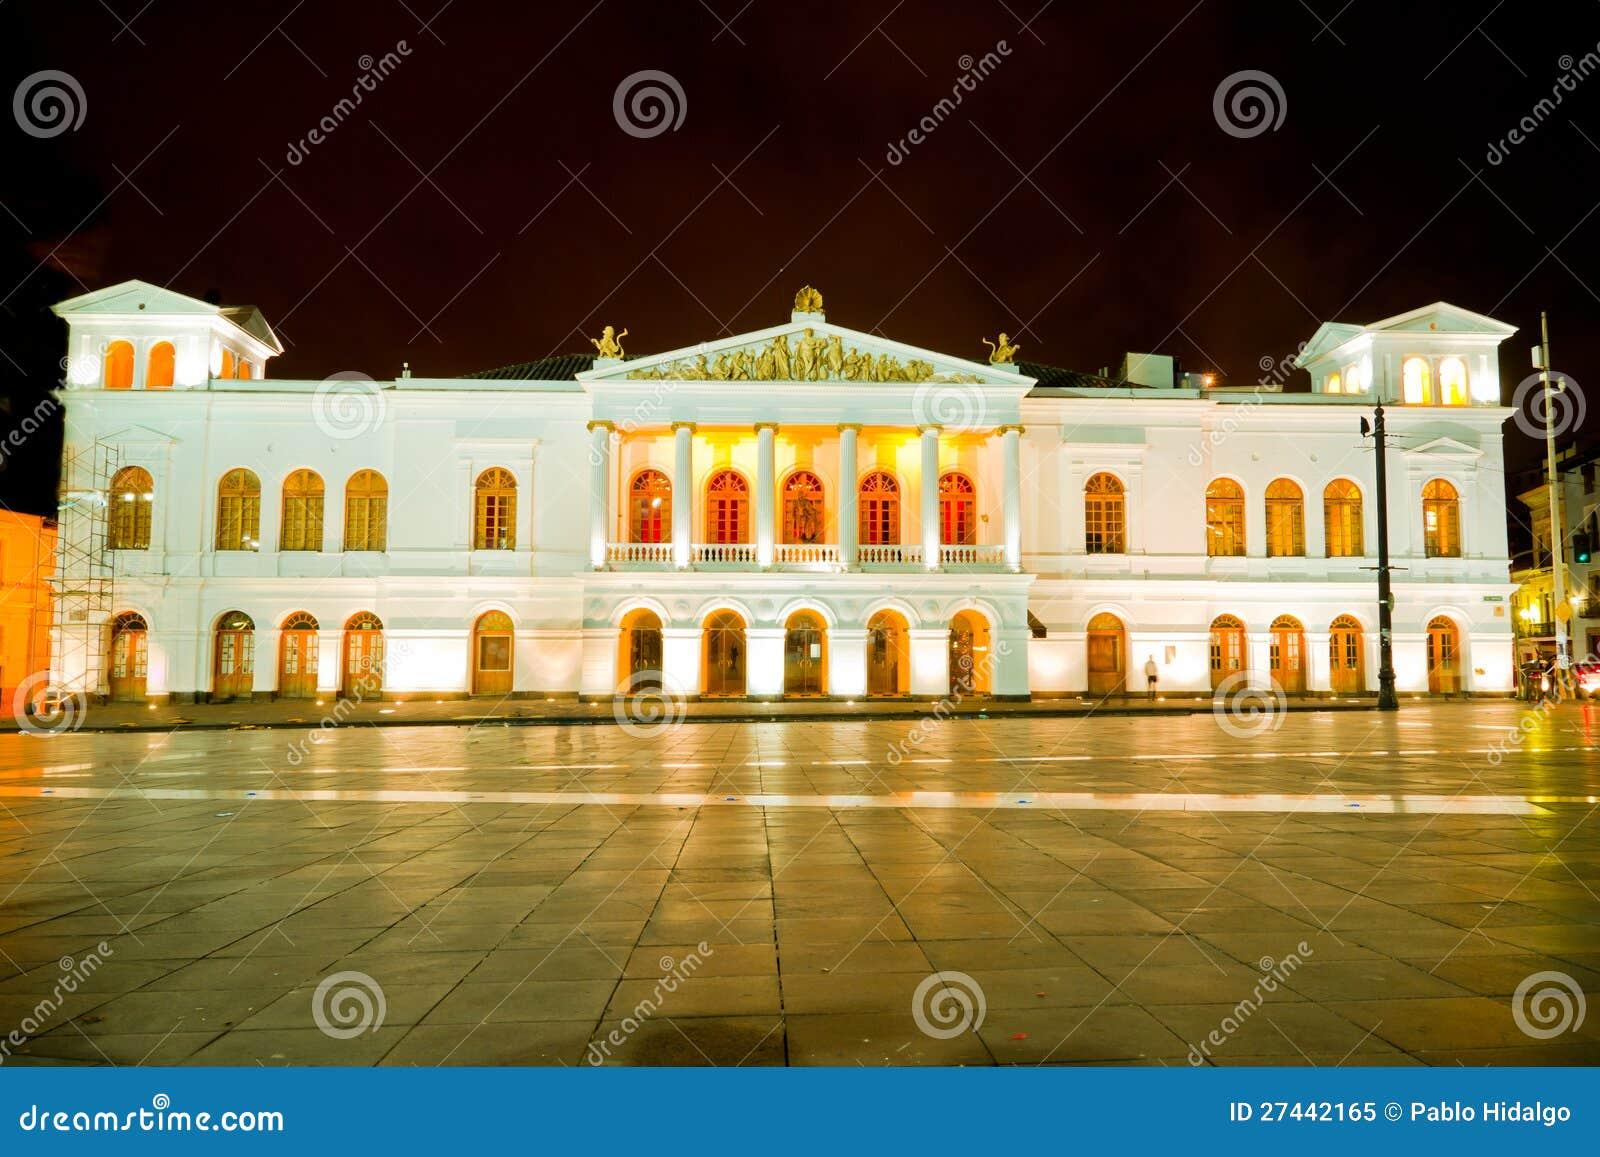 Historische Mitte des Sucre-Theaters von Quito, Ecuador.